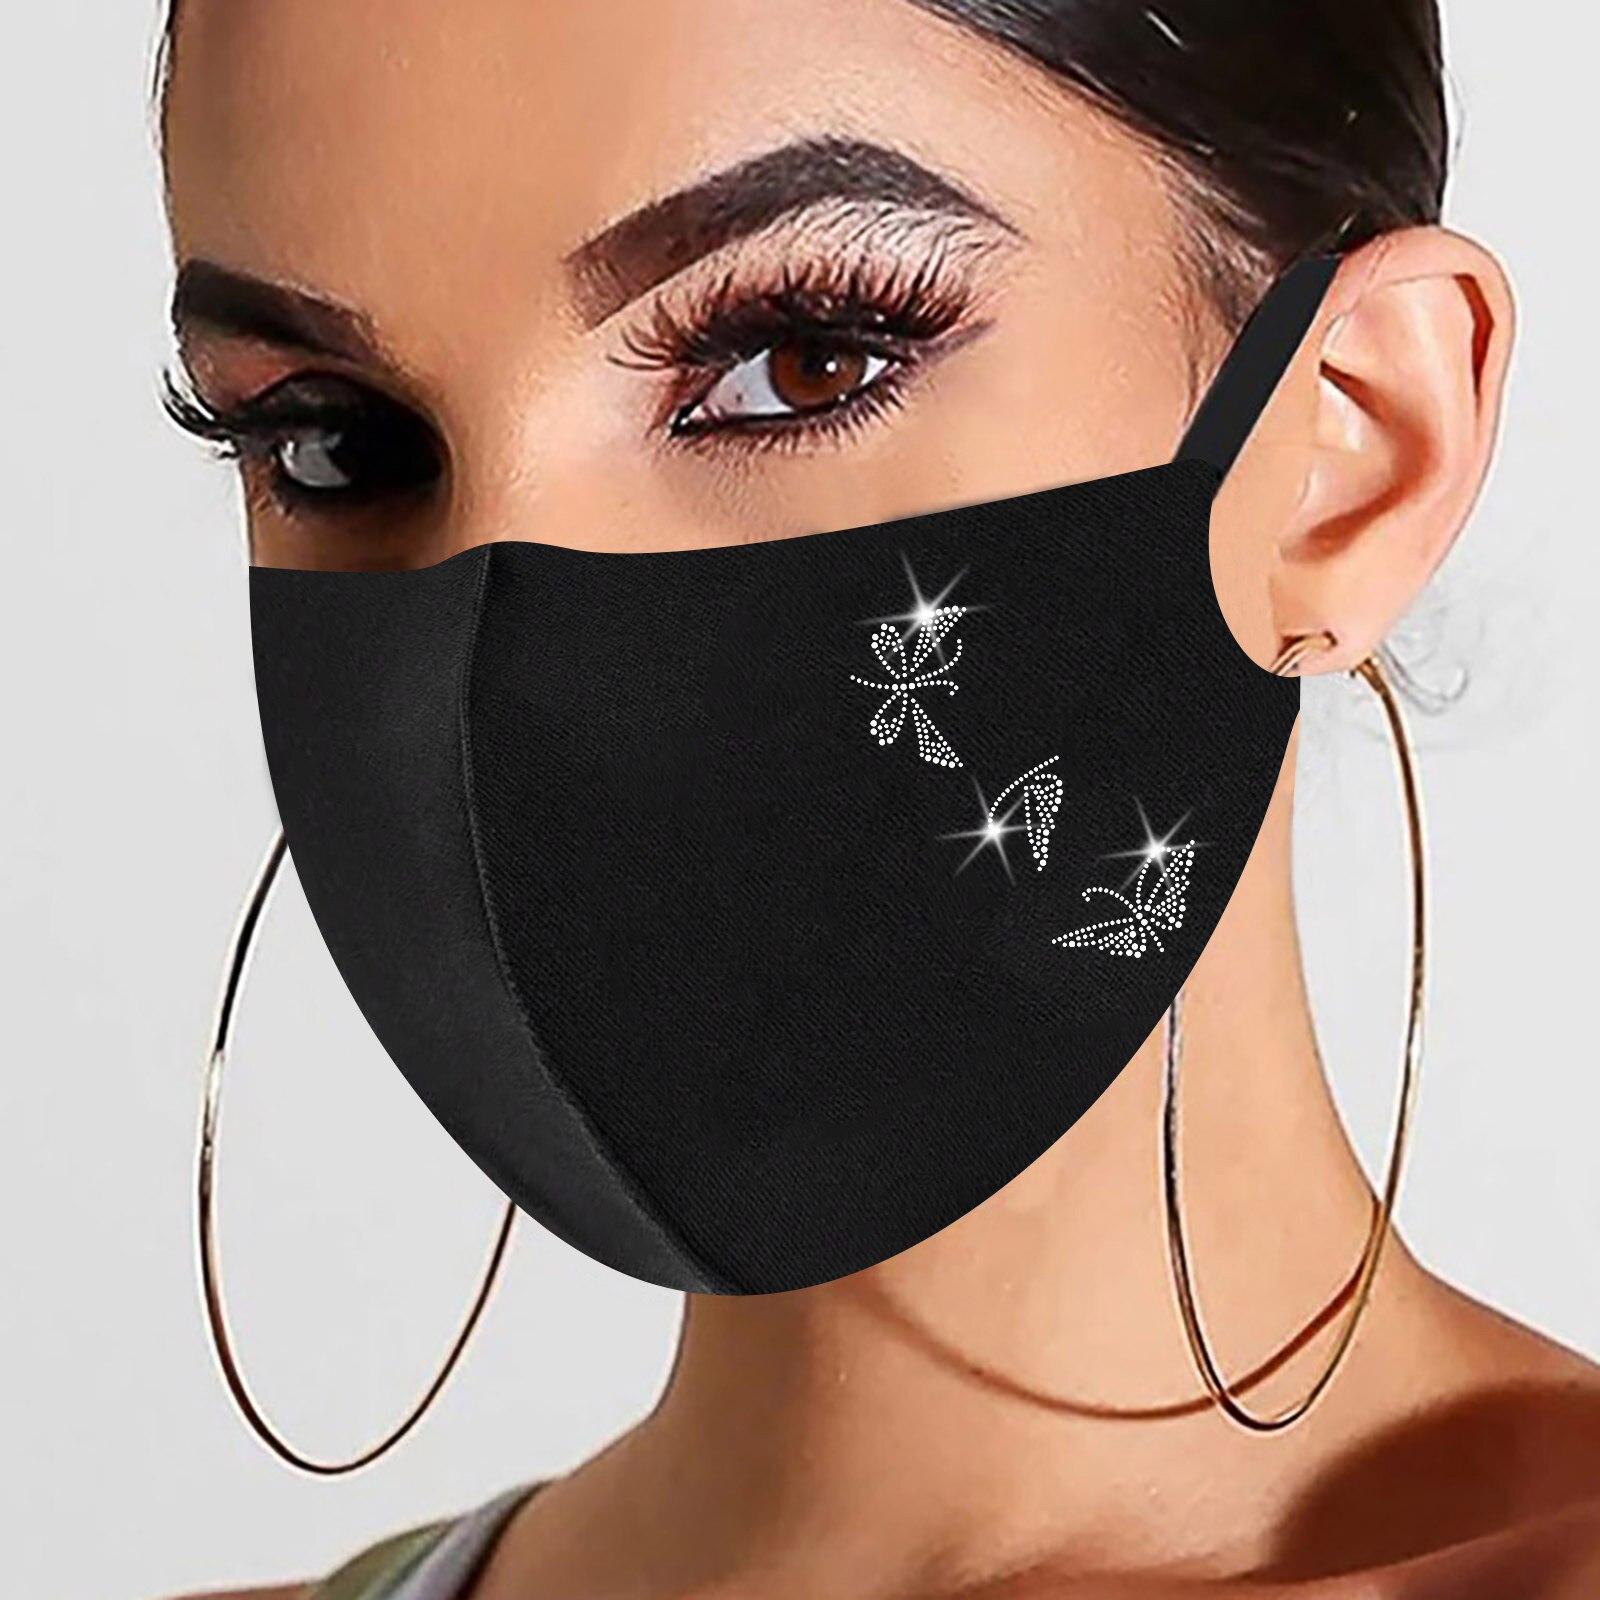 1pc Preto Máscara de Natal Para As Mulheres Na Moda Hot Diamante Impressão de Algodão Máscara Máscaras Маски От Вирусов Dropshipping 4